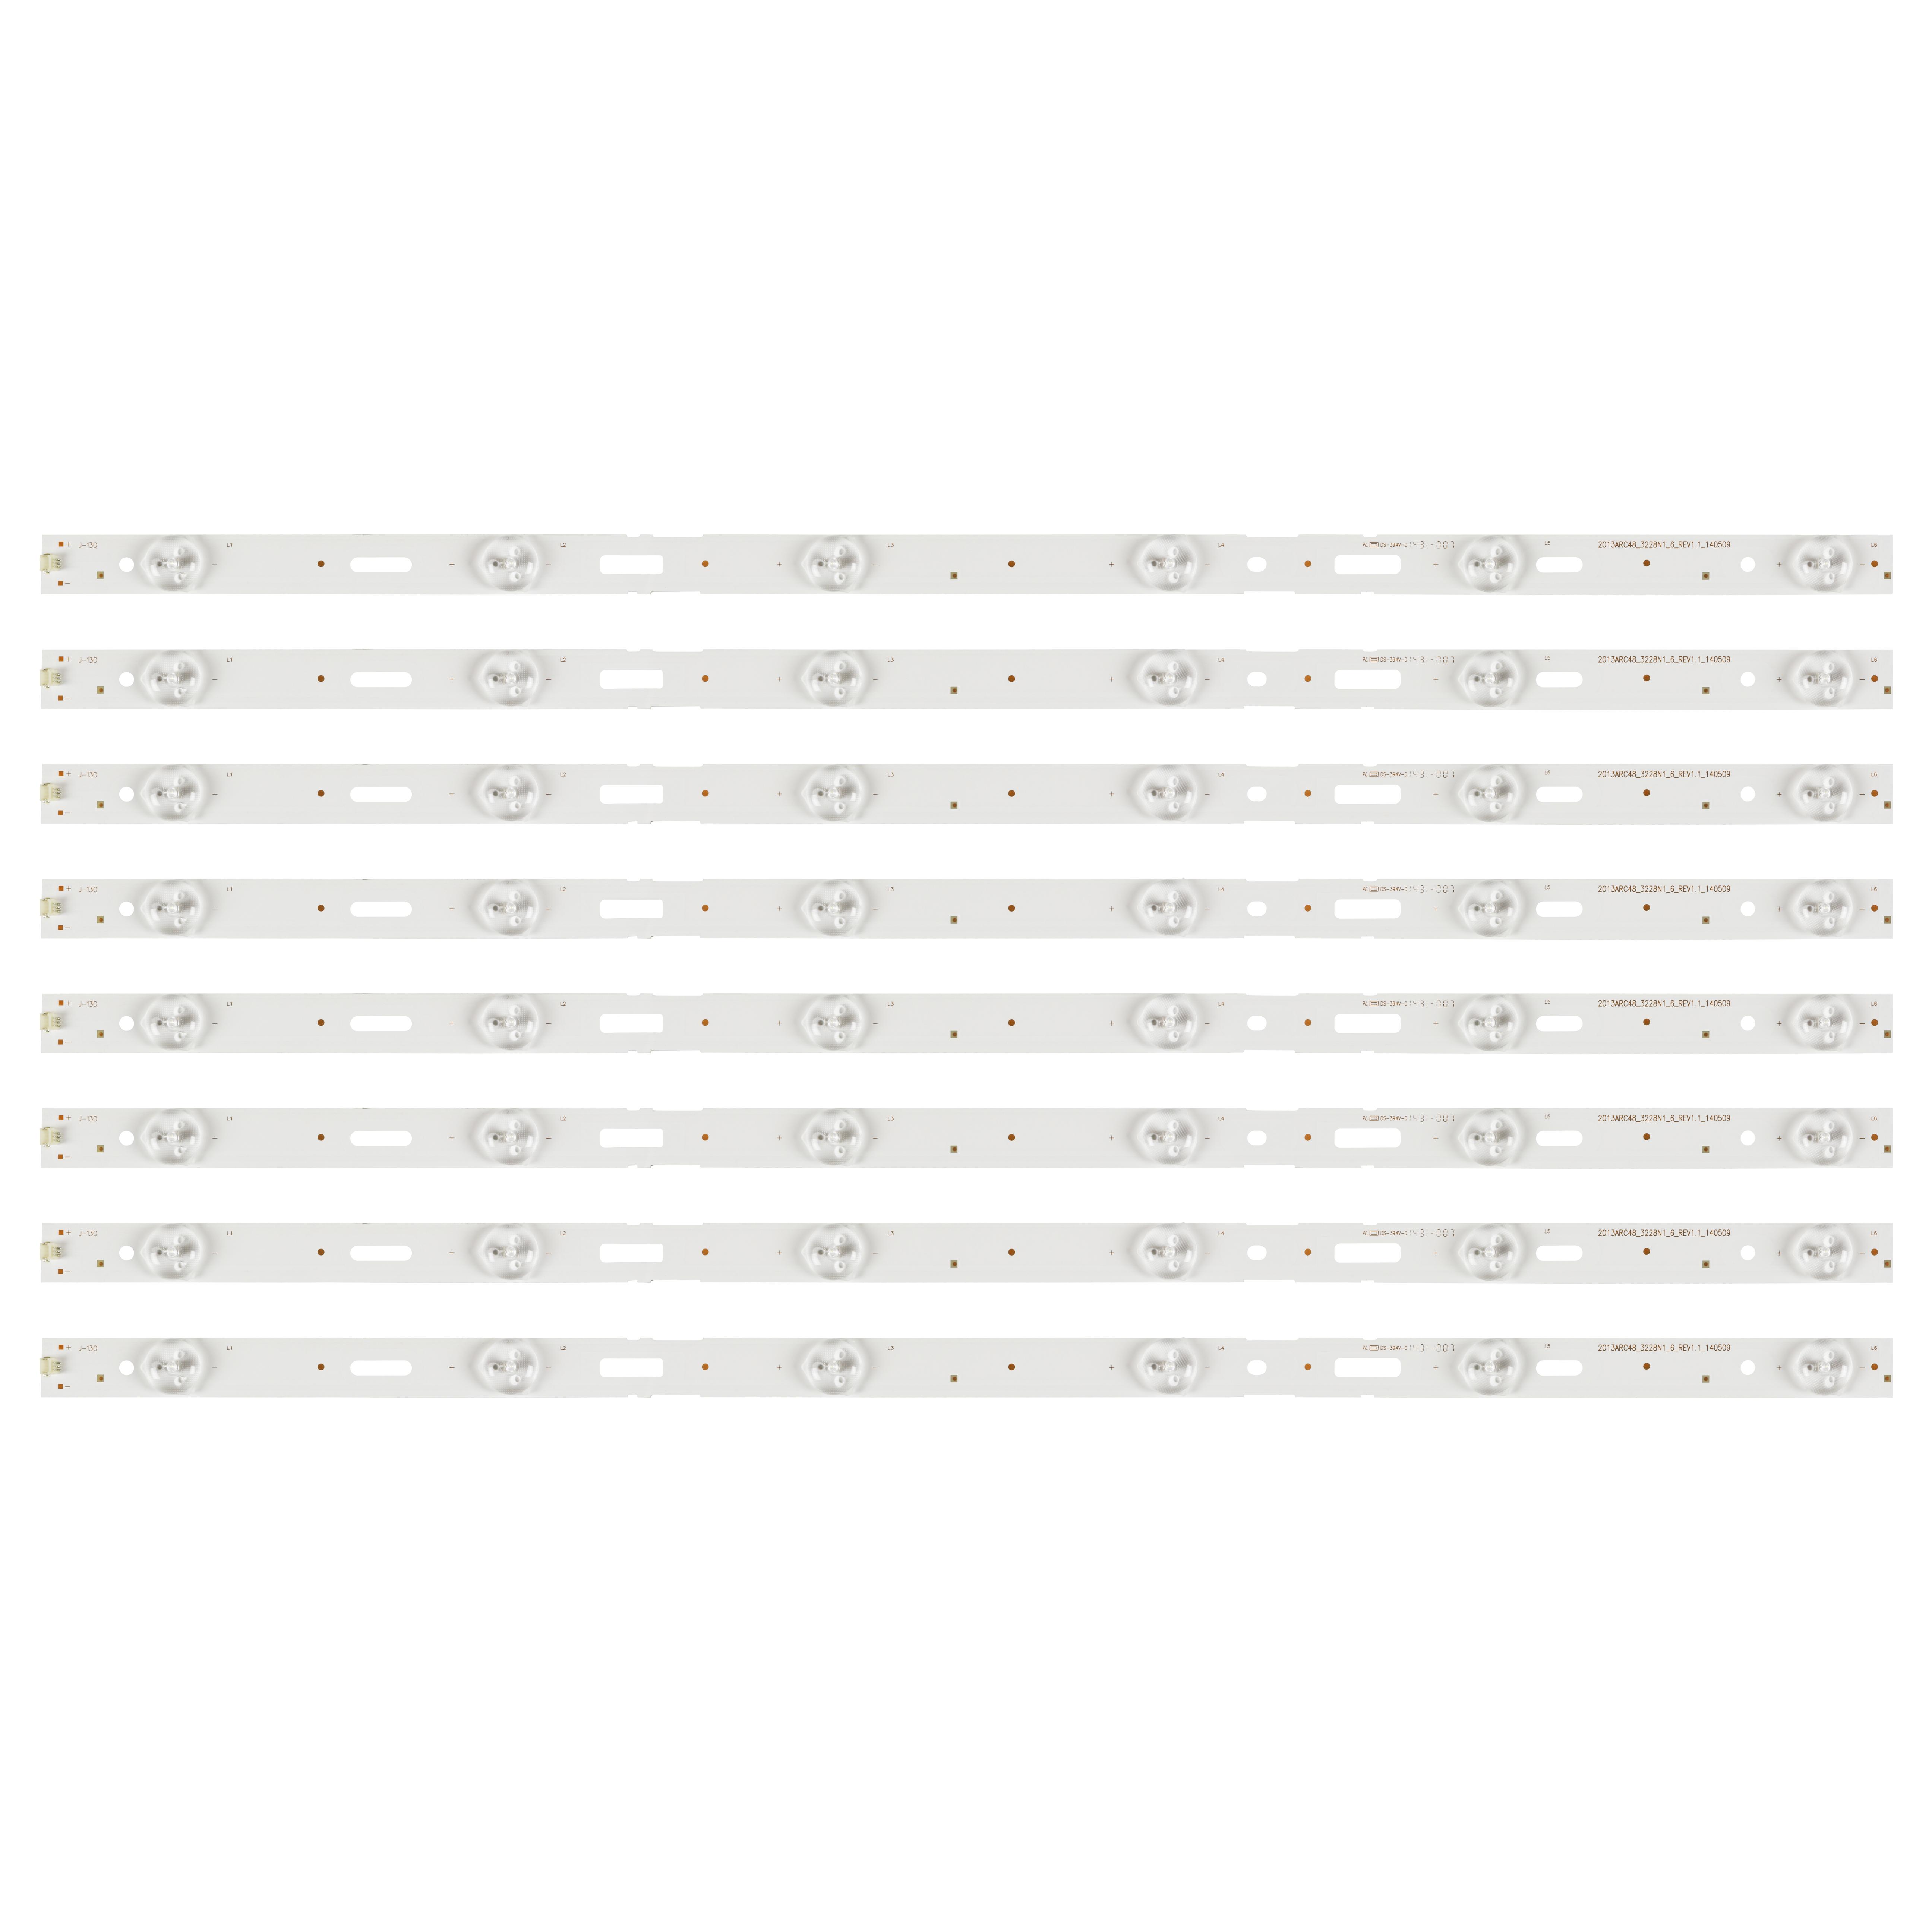 6led samsung 48inch  led backlight 2013ARC48_3228N1 48VLE5520BG 5421bgLSC480H